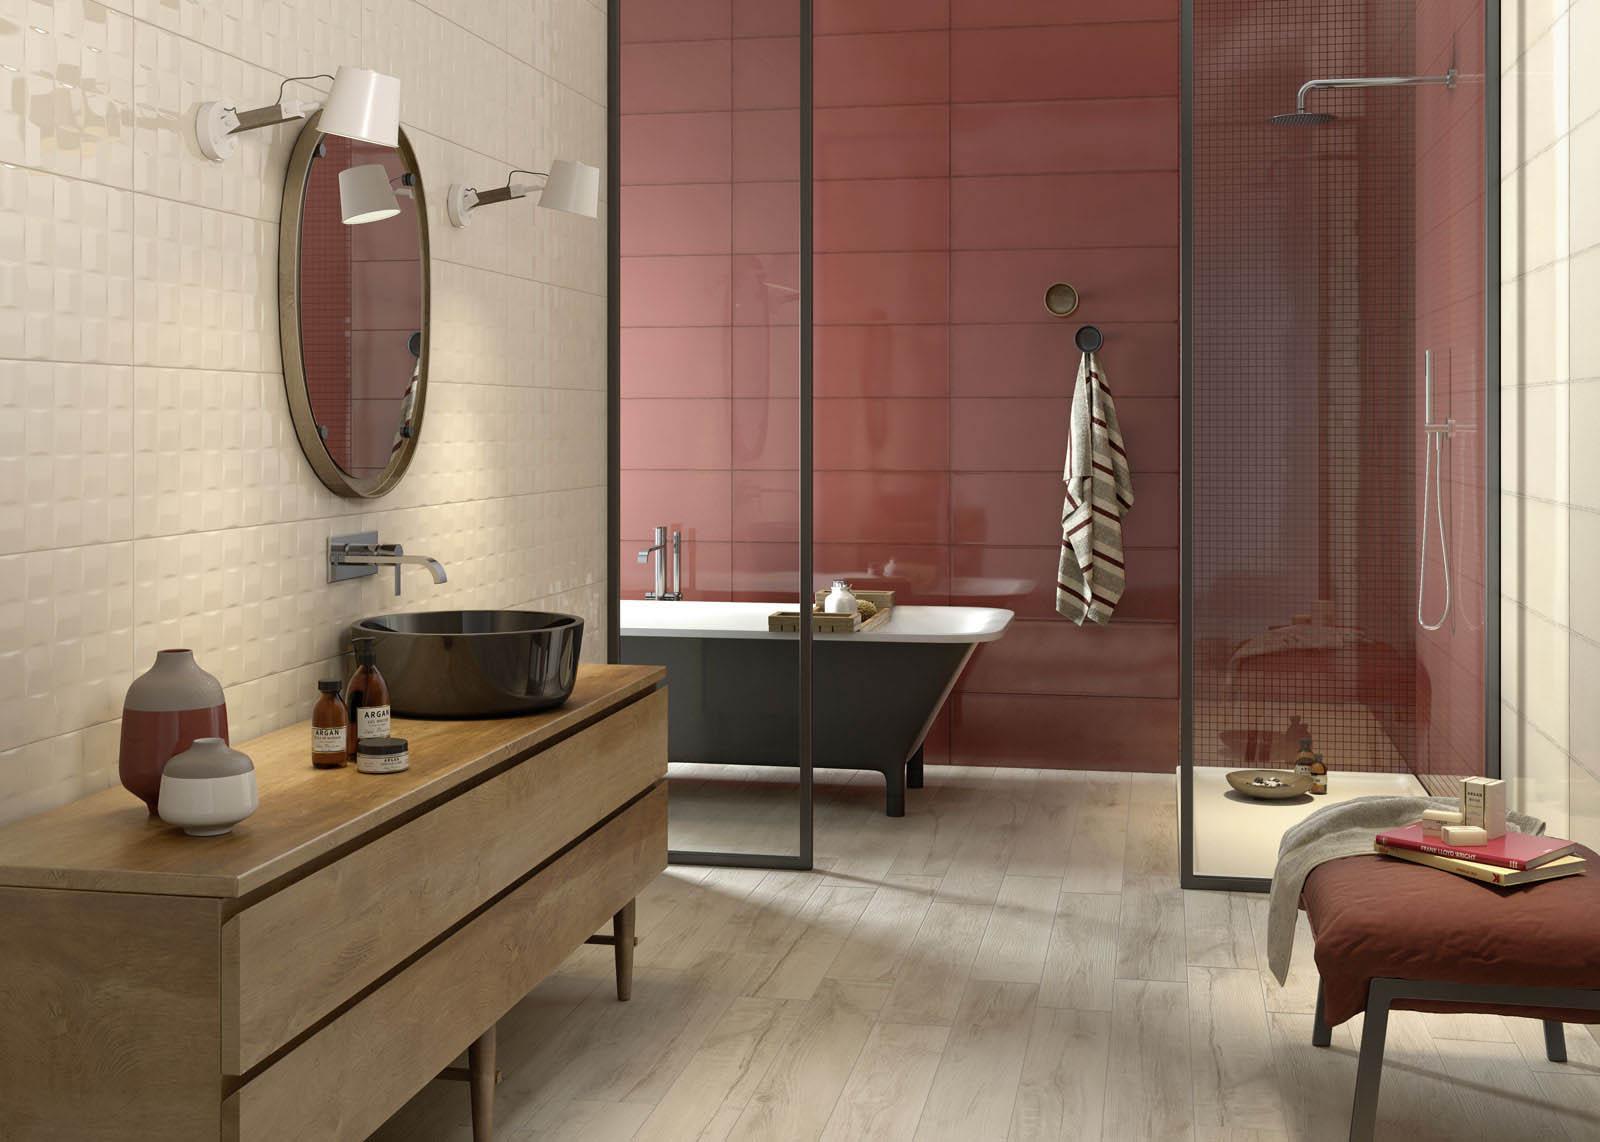 Pottery imperfetto e oficina idee per il tuo bagno marazzi